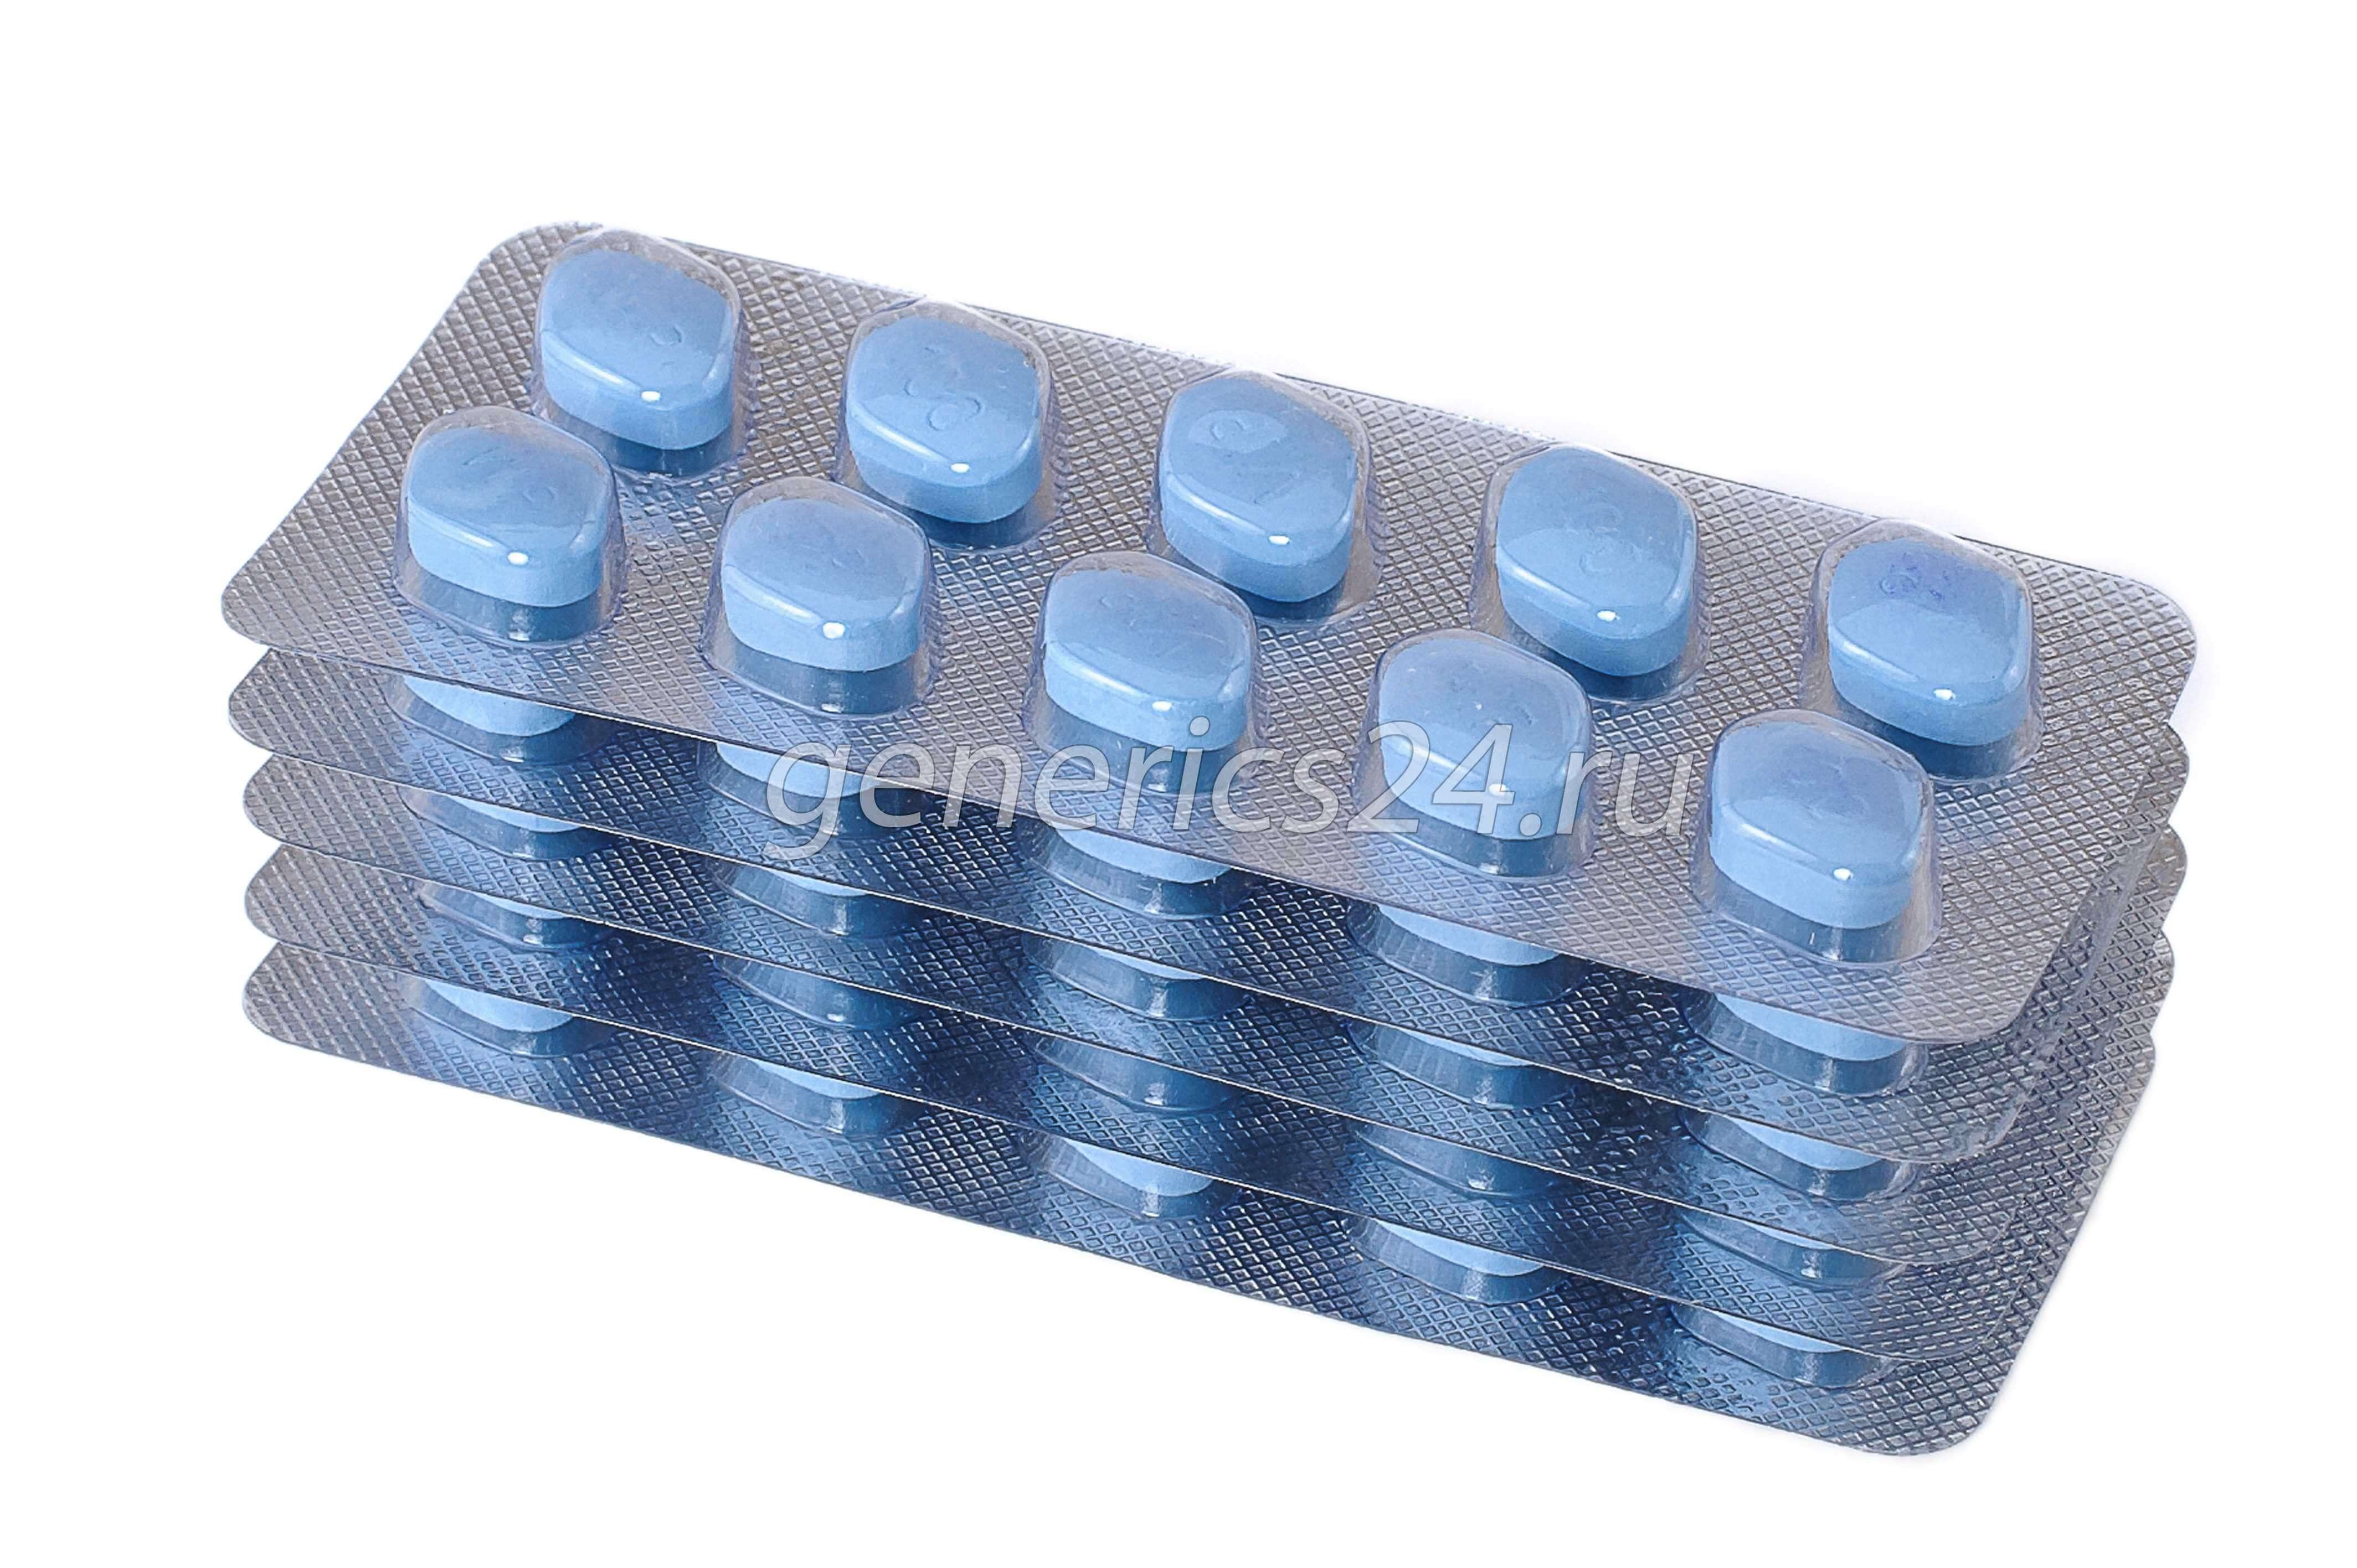 Купить виагру 100 мг с доставкой по москве 50 таблеток